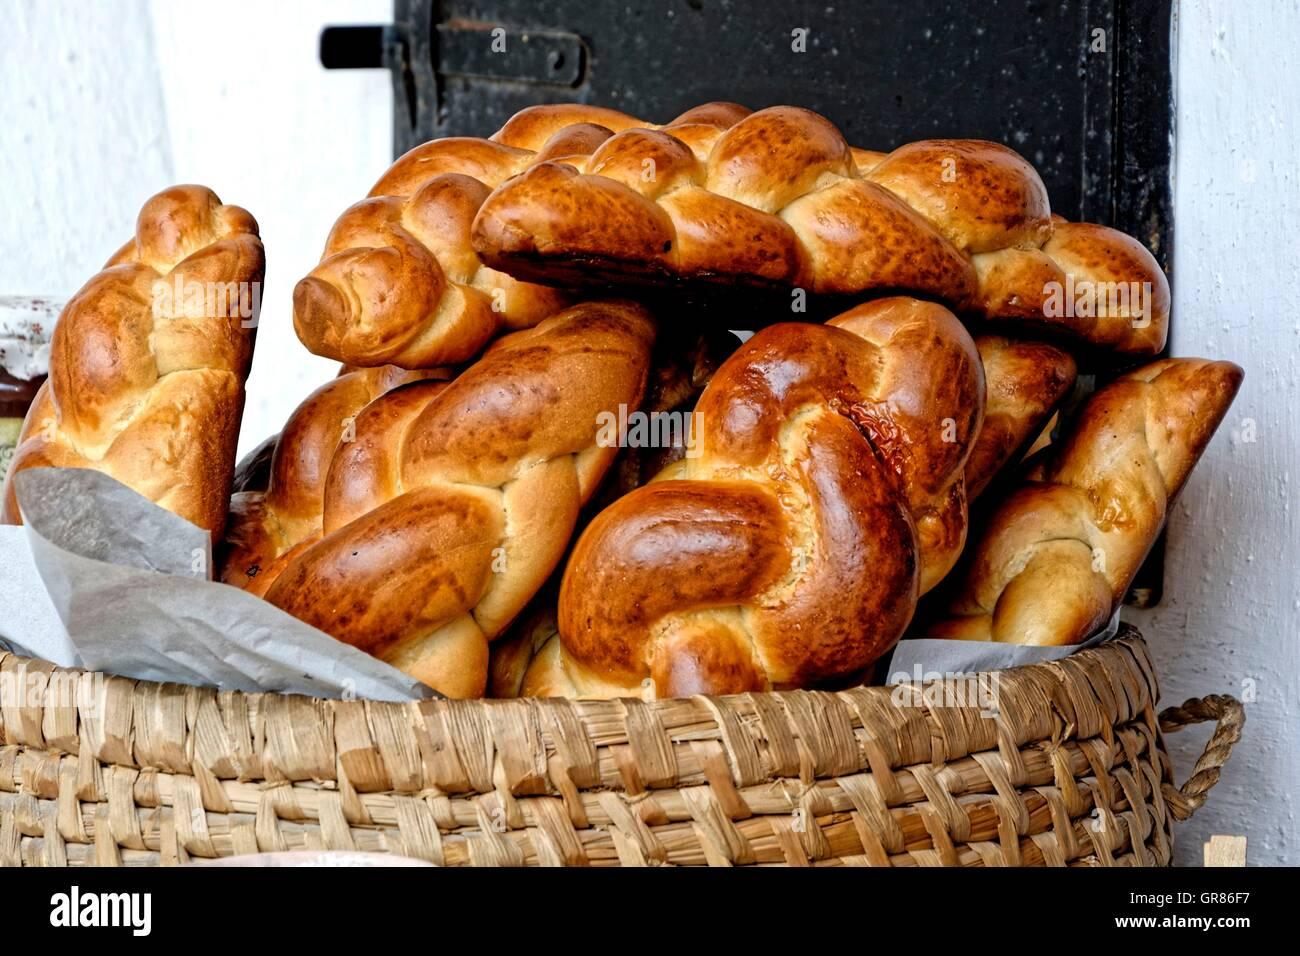 Basketful Yeast Plaits - Stock Image